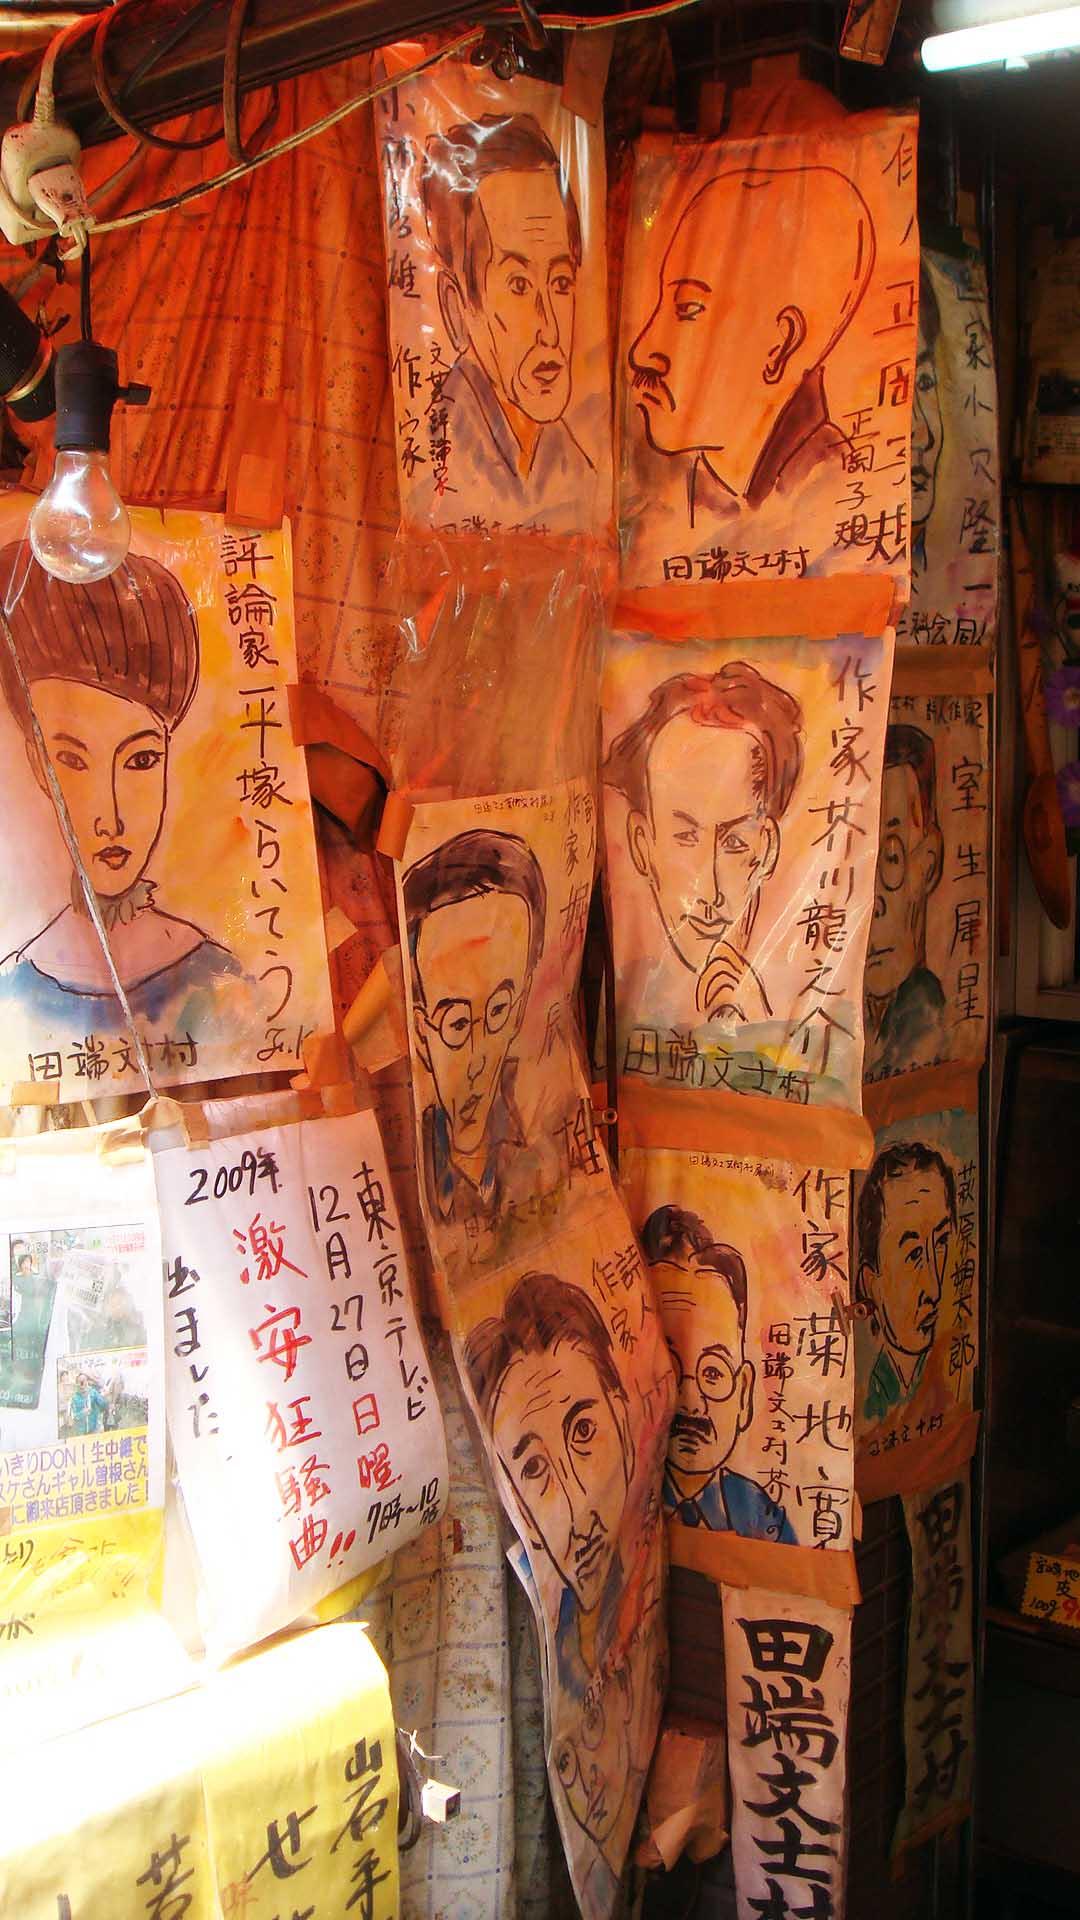 御主人の趣味である絵画。田端文士村の作家らを30人以上描いた